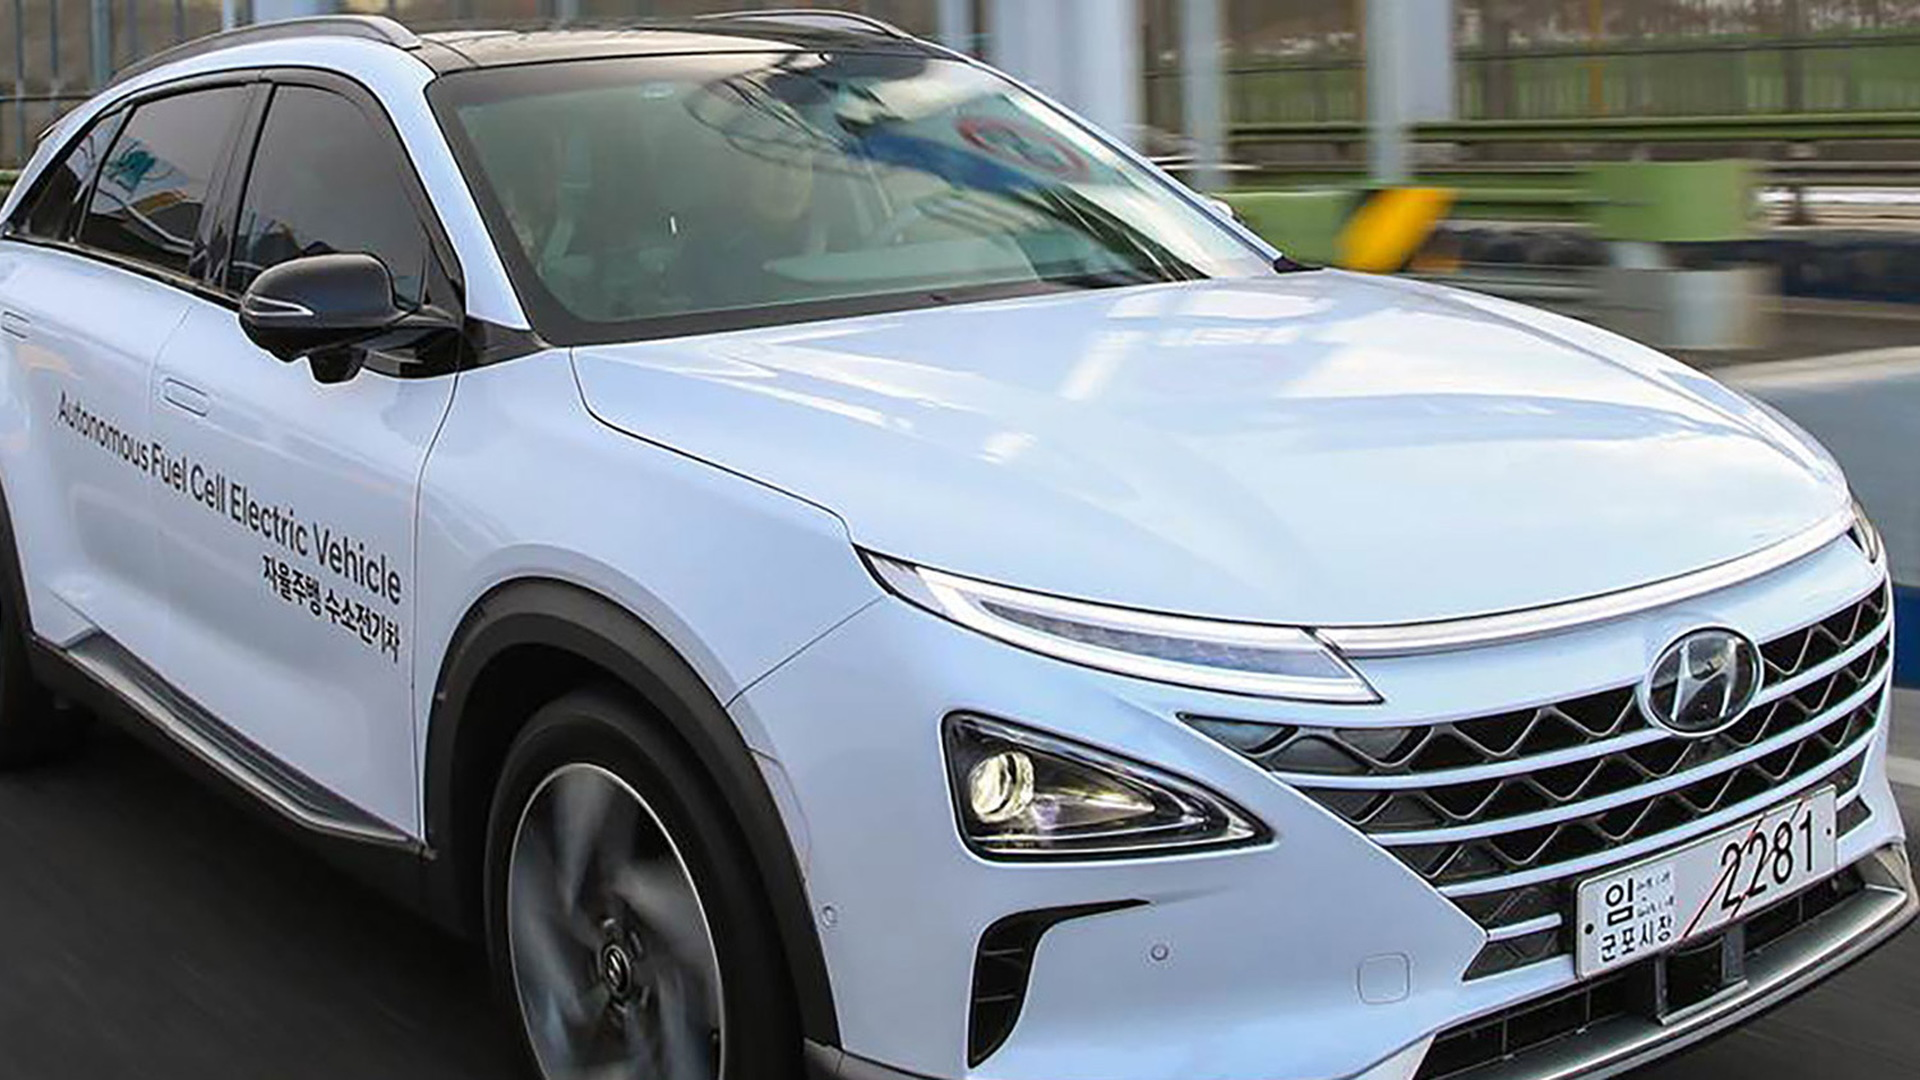 Hyundai Nexo self-driving prototype